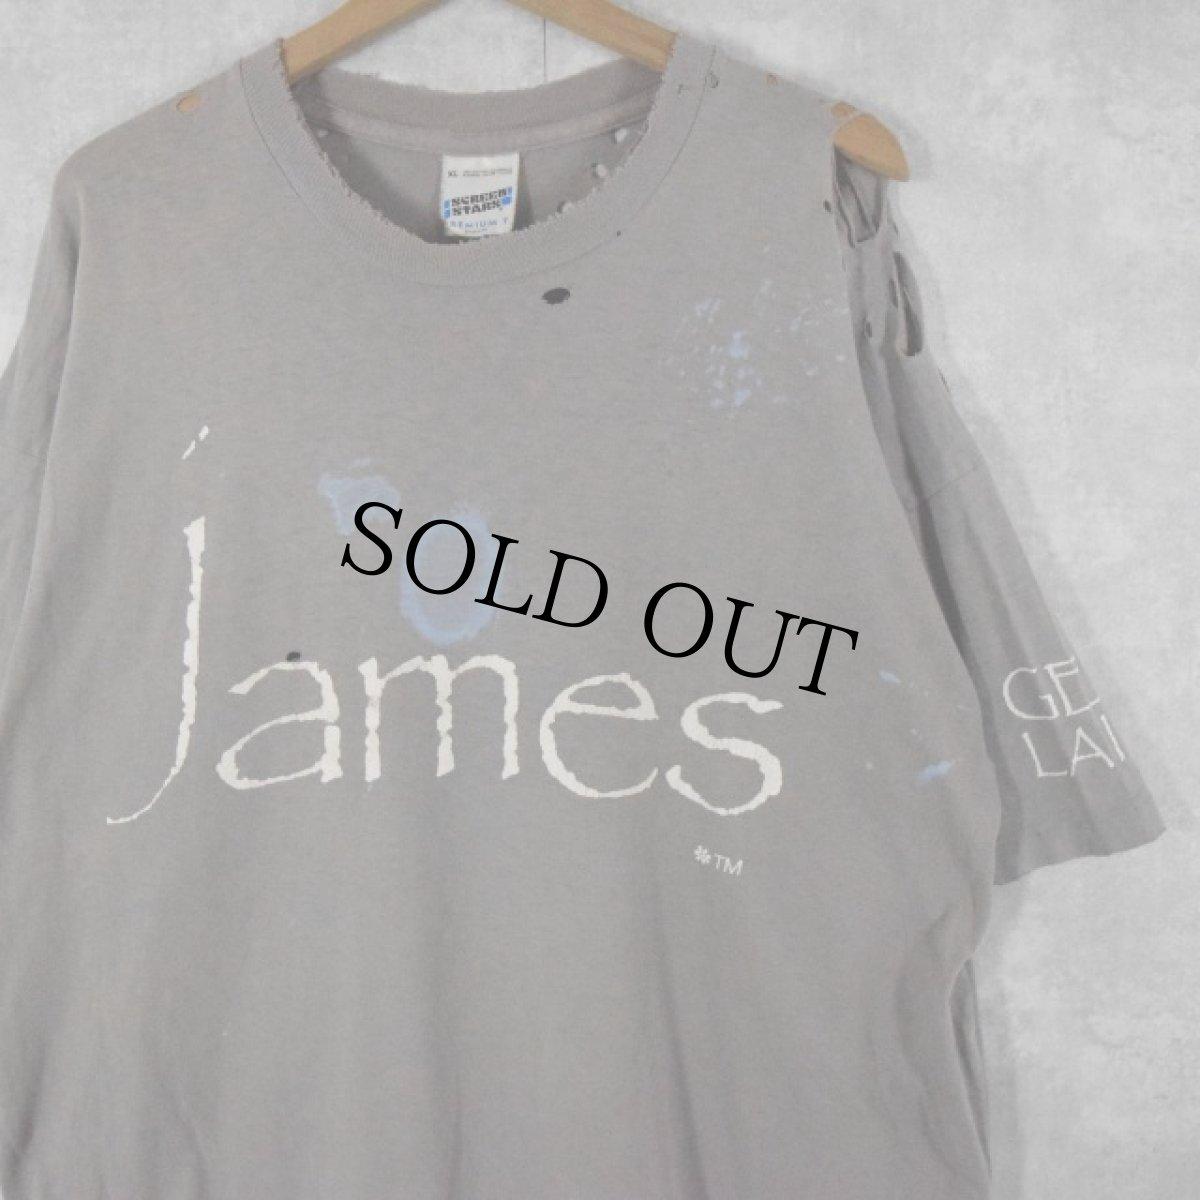 """画像1: 90's james アイルランド製 """"GET LAID"""" バンドTシャツ XL (1)"""